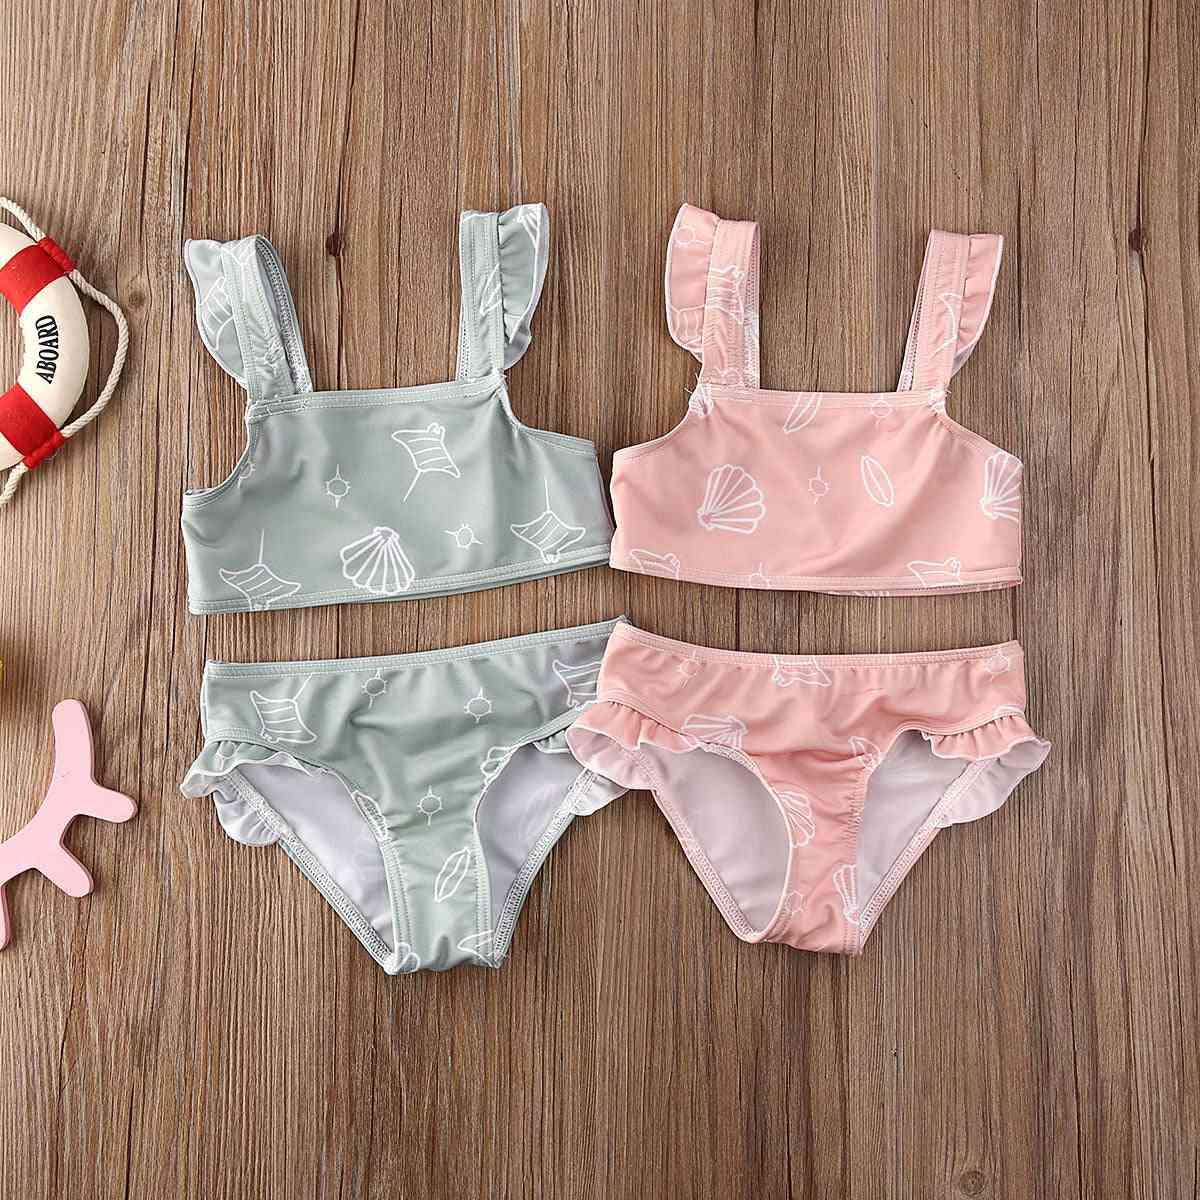 Sleeveless Ruffle Swimwear For Newborn Baby Girl